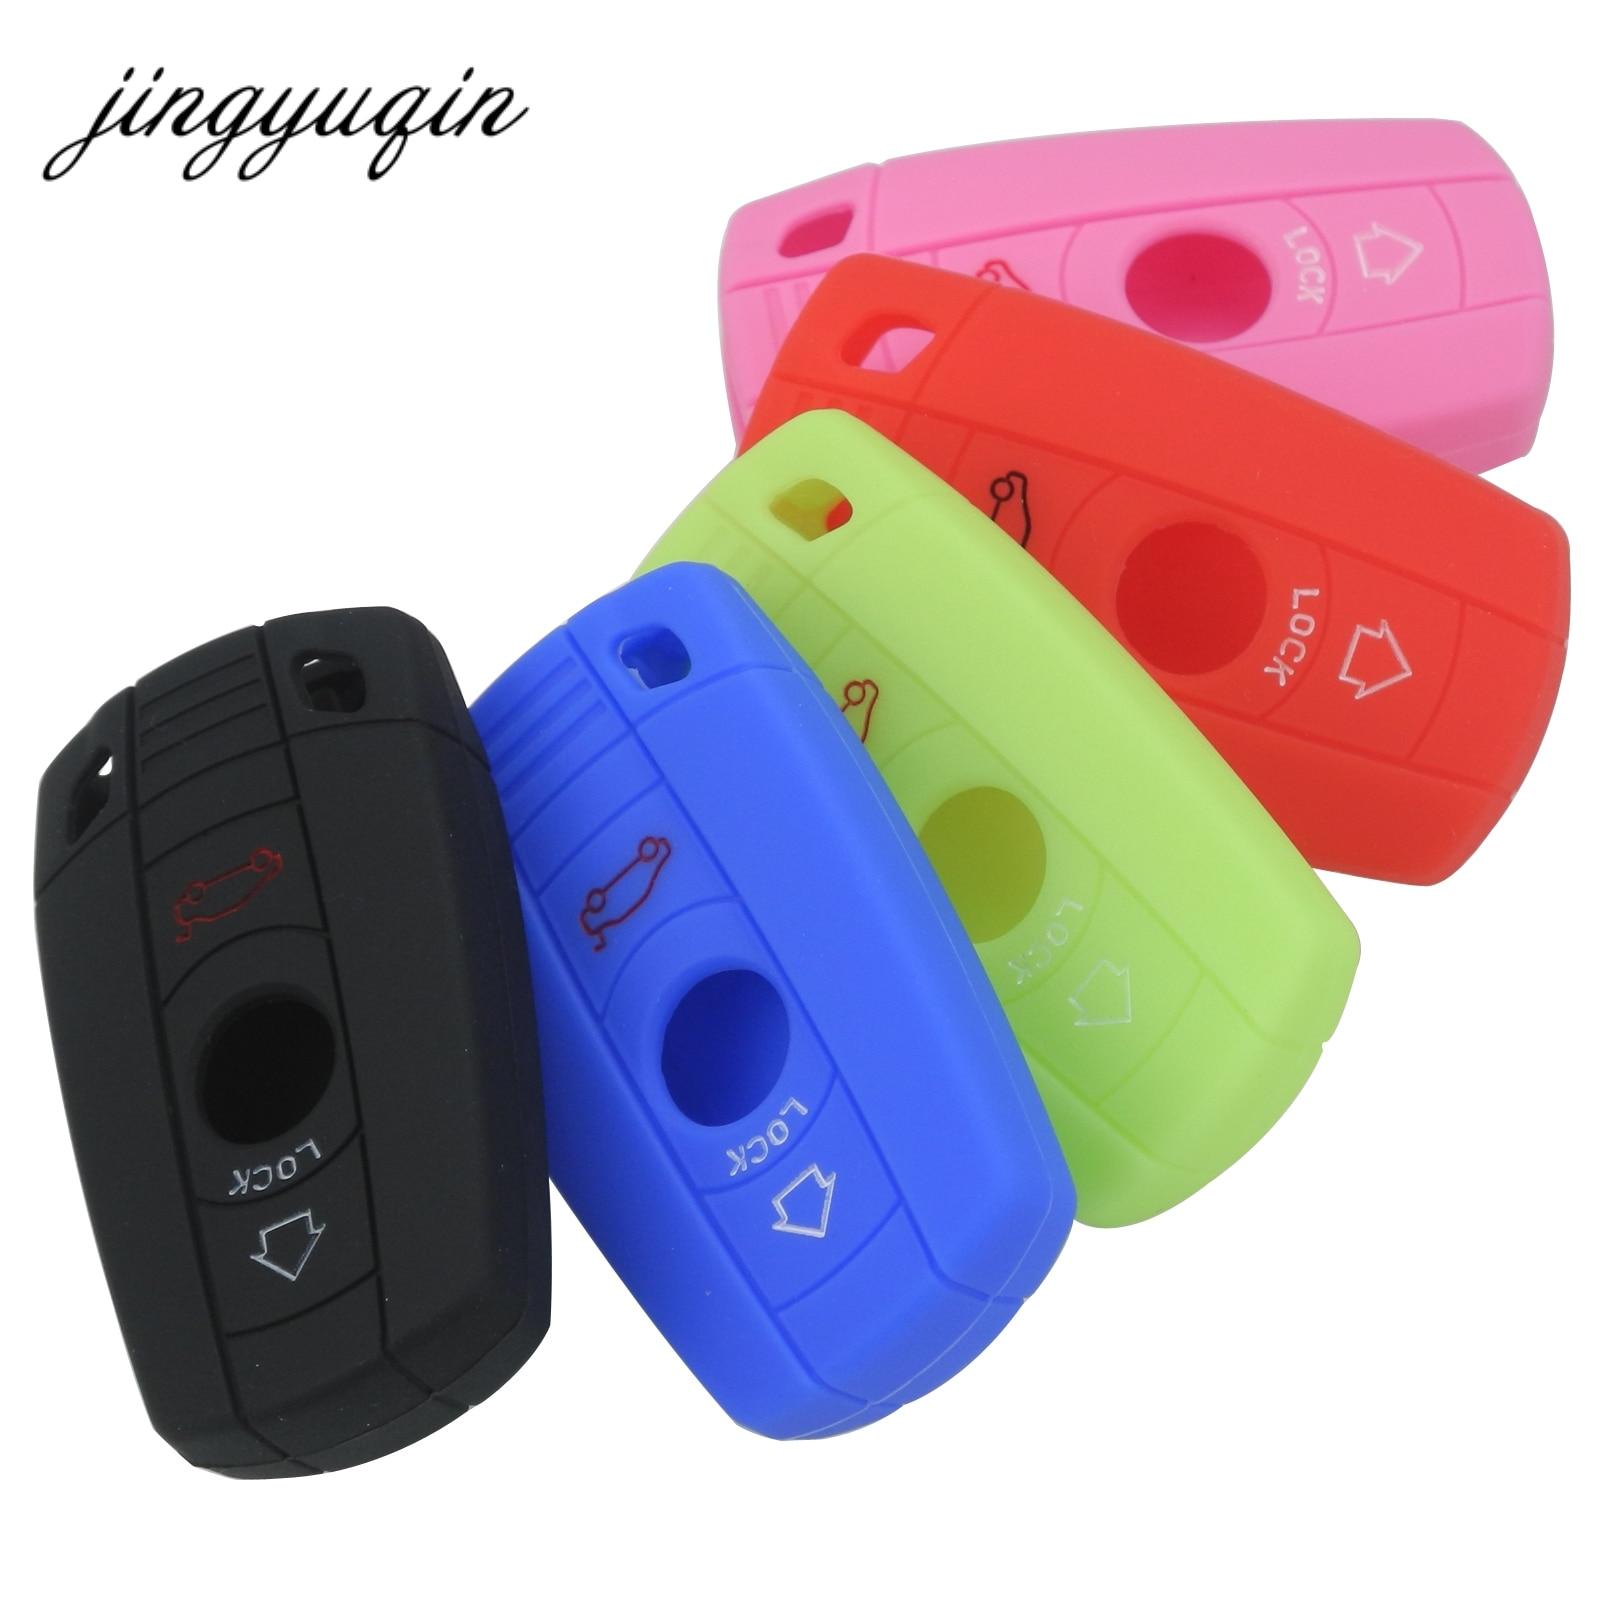 Jingyuqin 3 Button Silicone Car Key Case For BMW 1 3 5 6 Series E90 E91 E92 E60 Remote Key Shell Case Smart Key Fob Cover